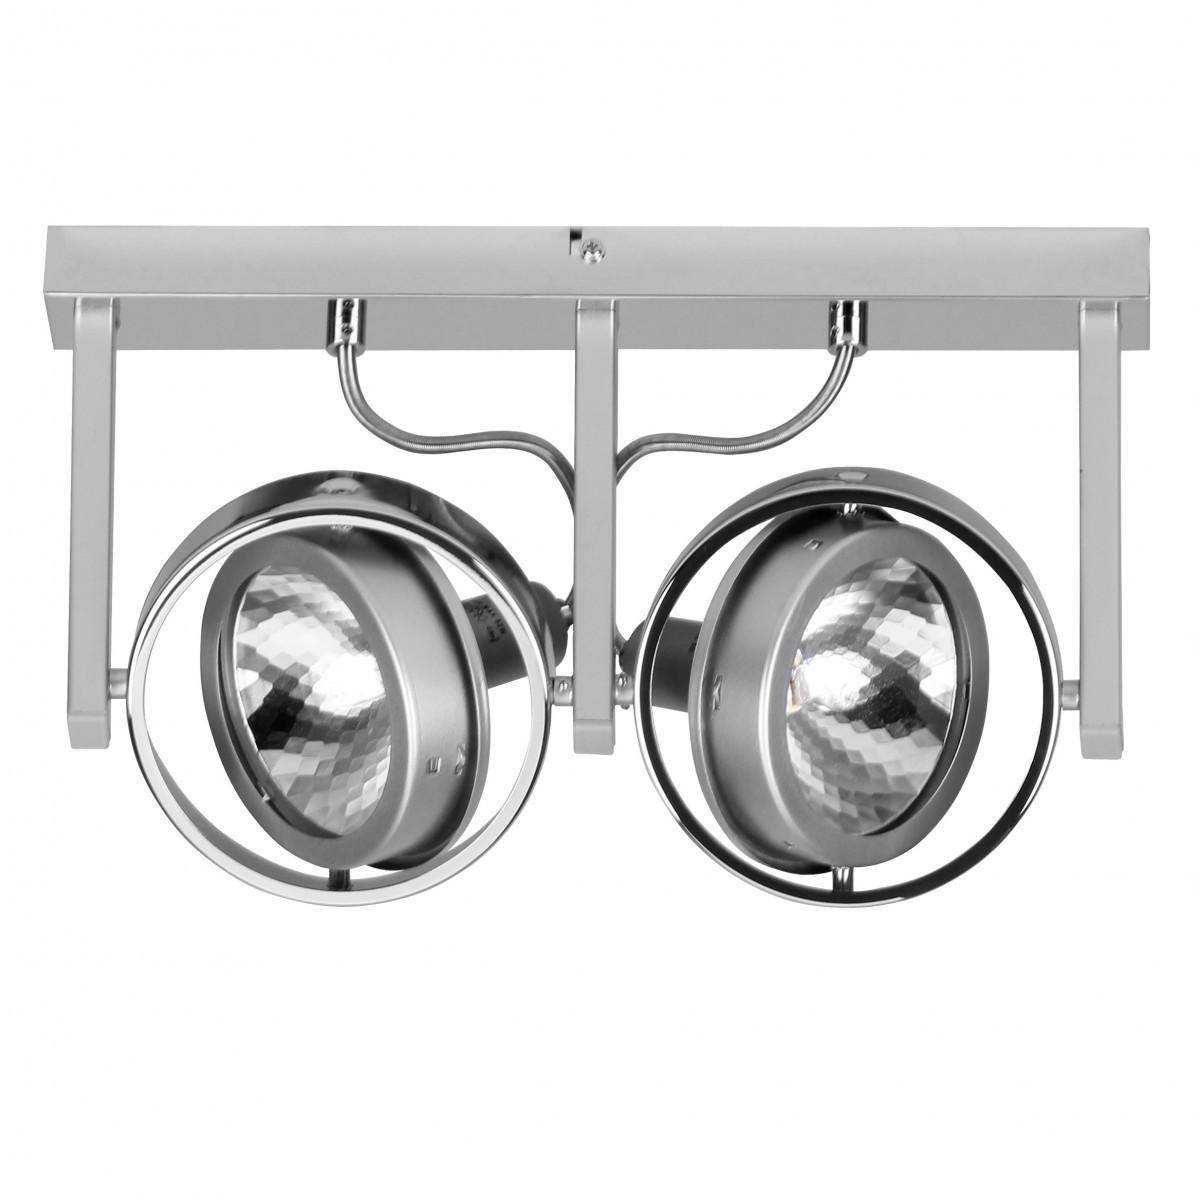 finebuy spot lampe 2 flammig deckenleuchte strahler spotsystem g9 52w eek c 40479. Black Bedroom Furniture Sets. Home Design Ideas